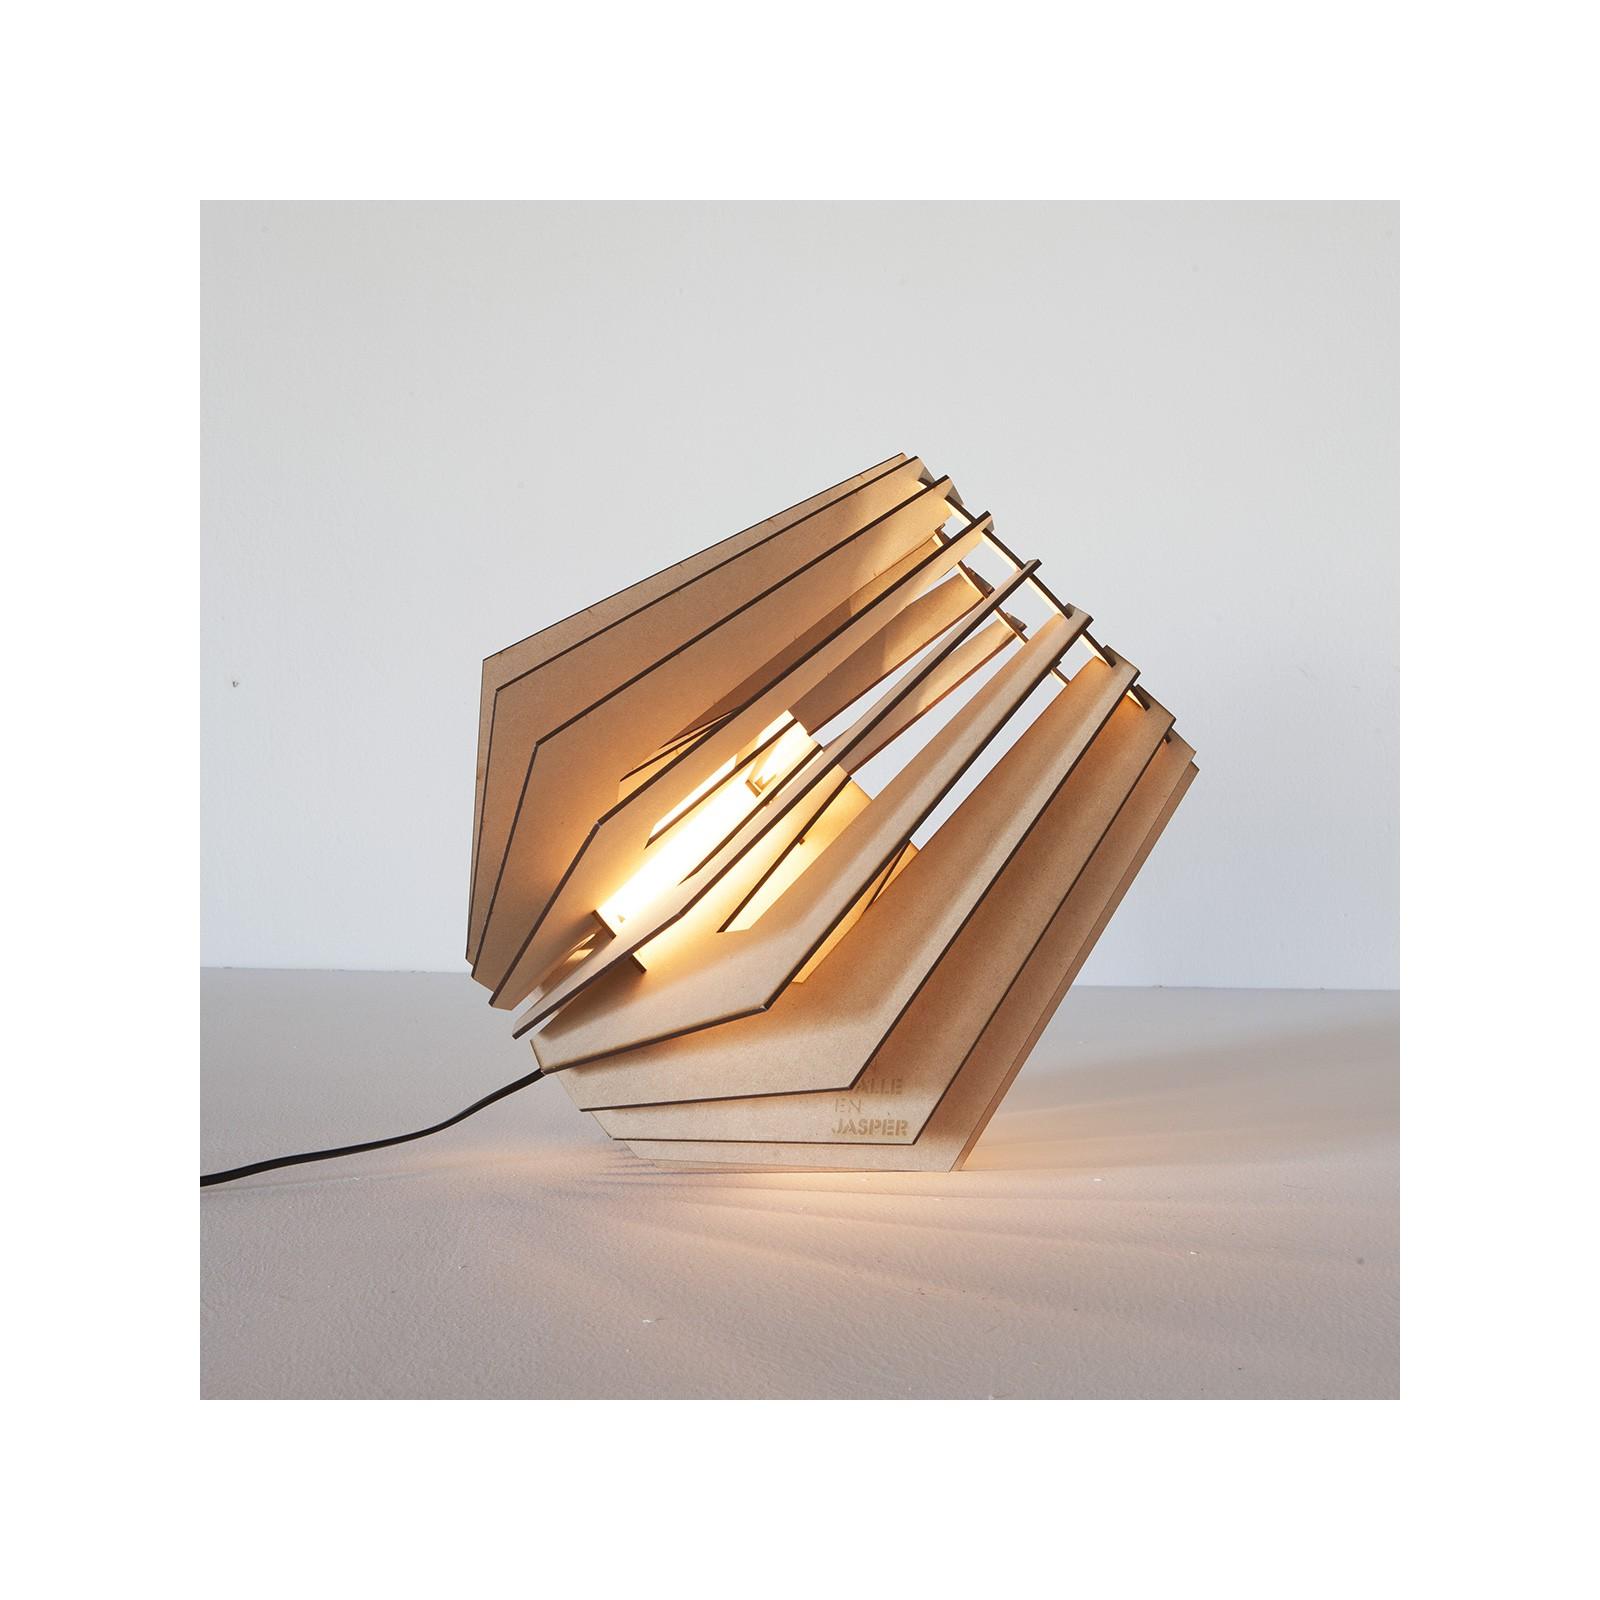 lampe made me arne concept. Black Bedroom Furniture Sets. Home Design Ideas